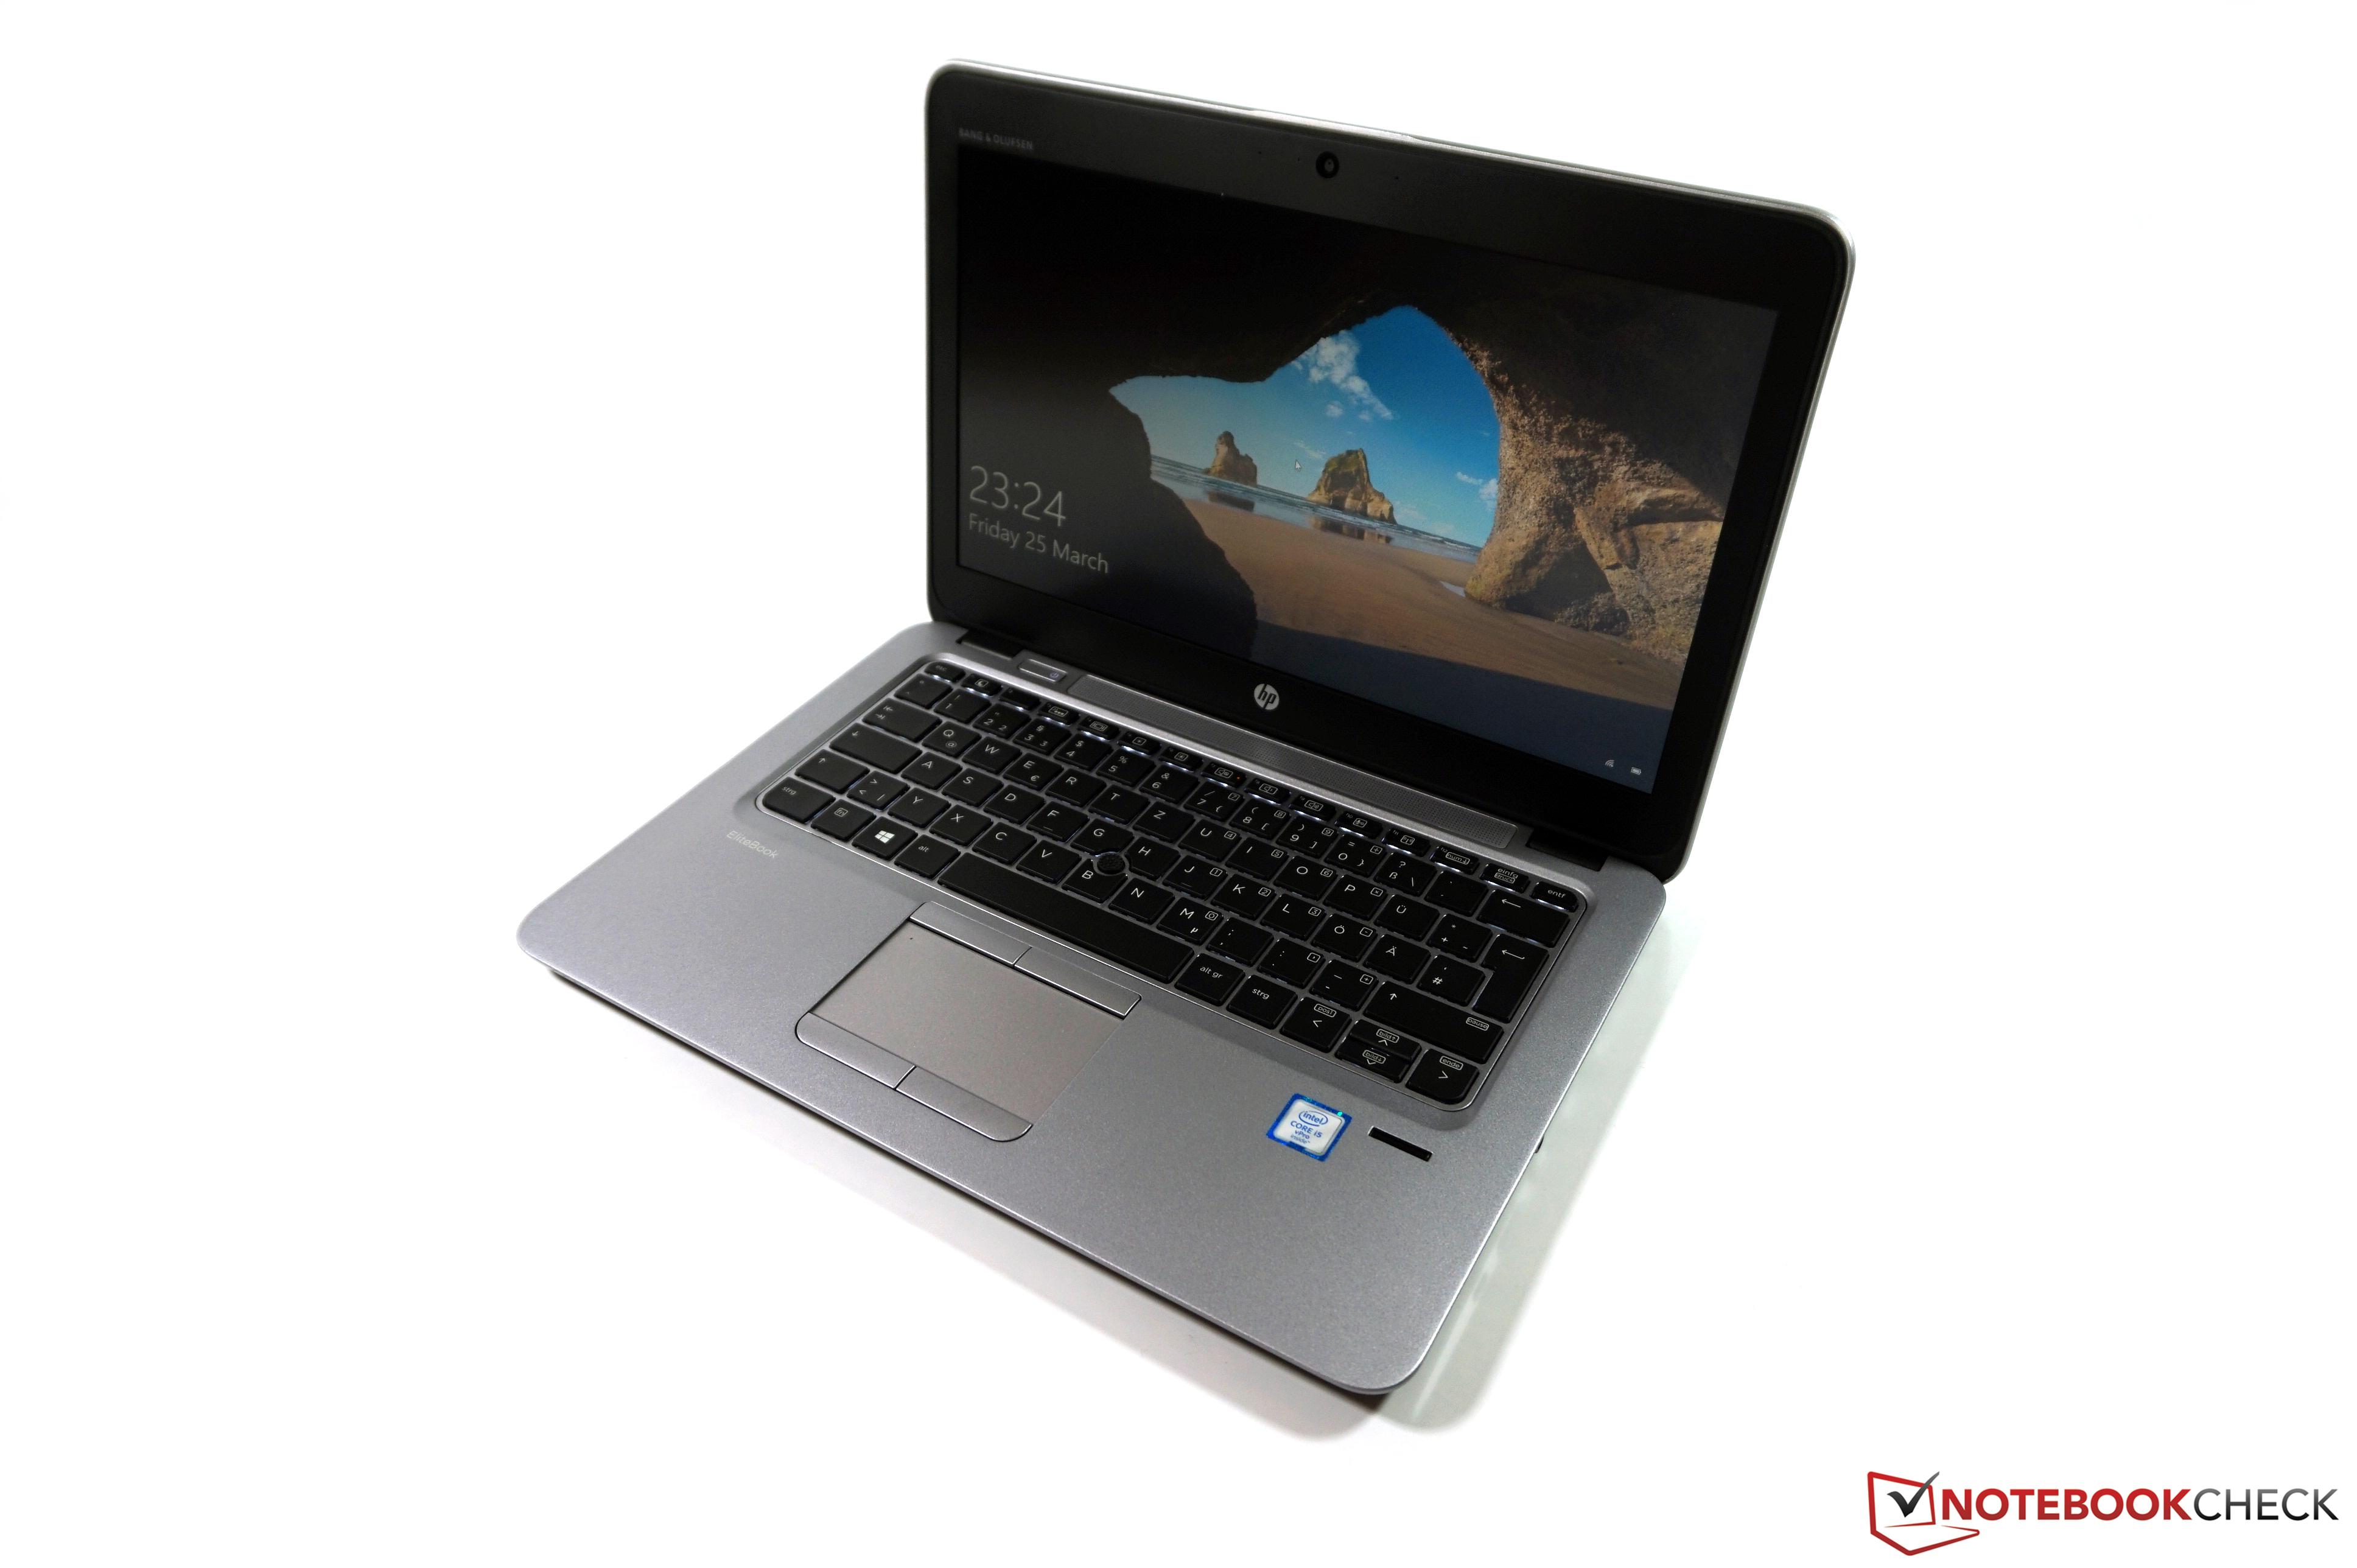 HP EliteBook 820 G3 Subnotebook Review - NotebookCheck net